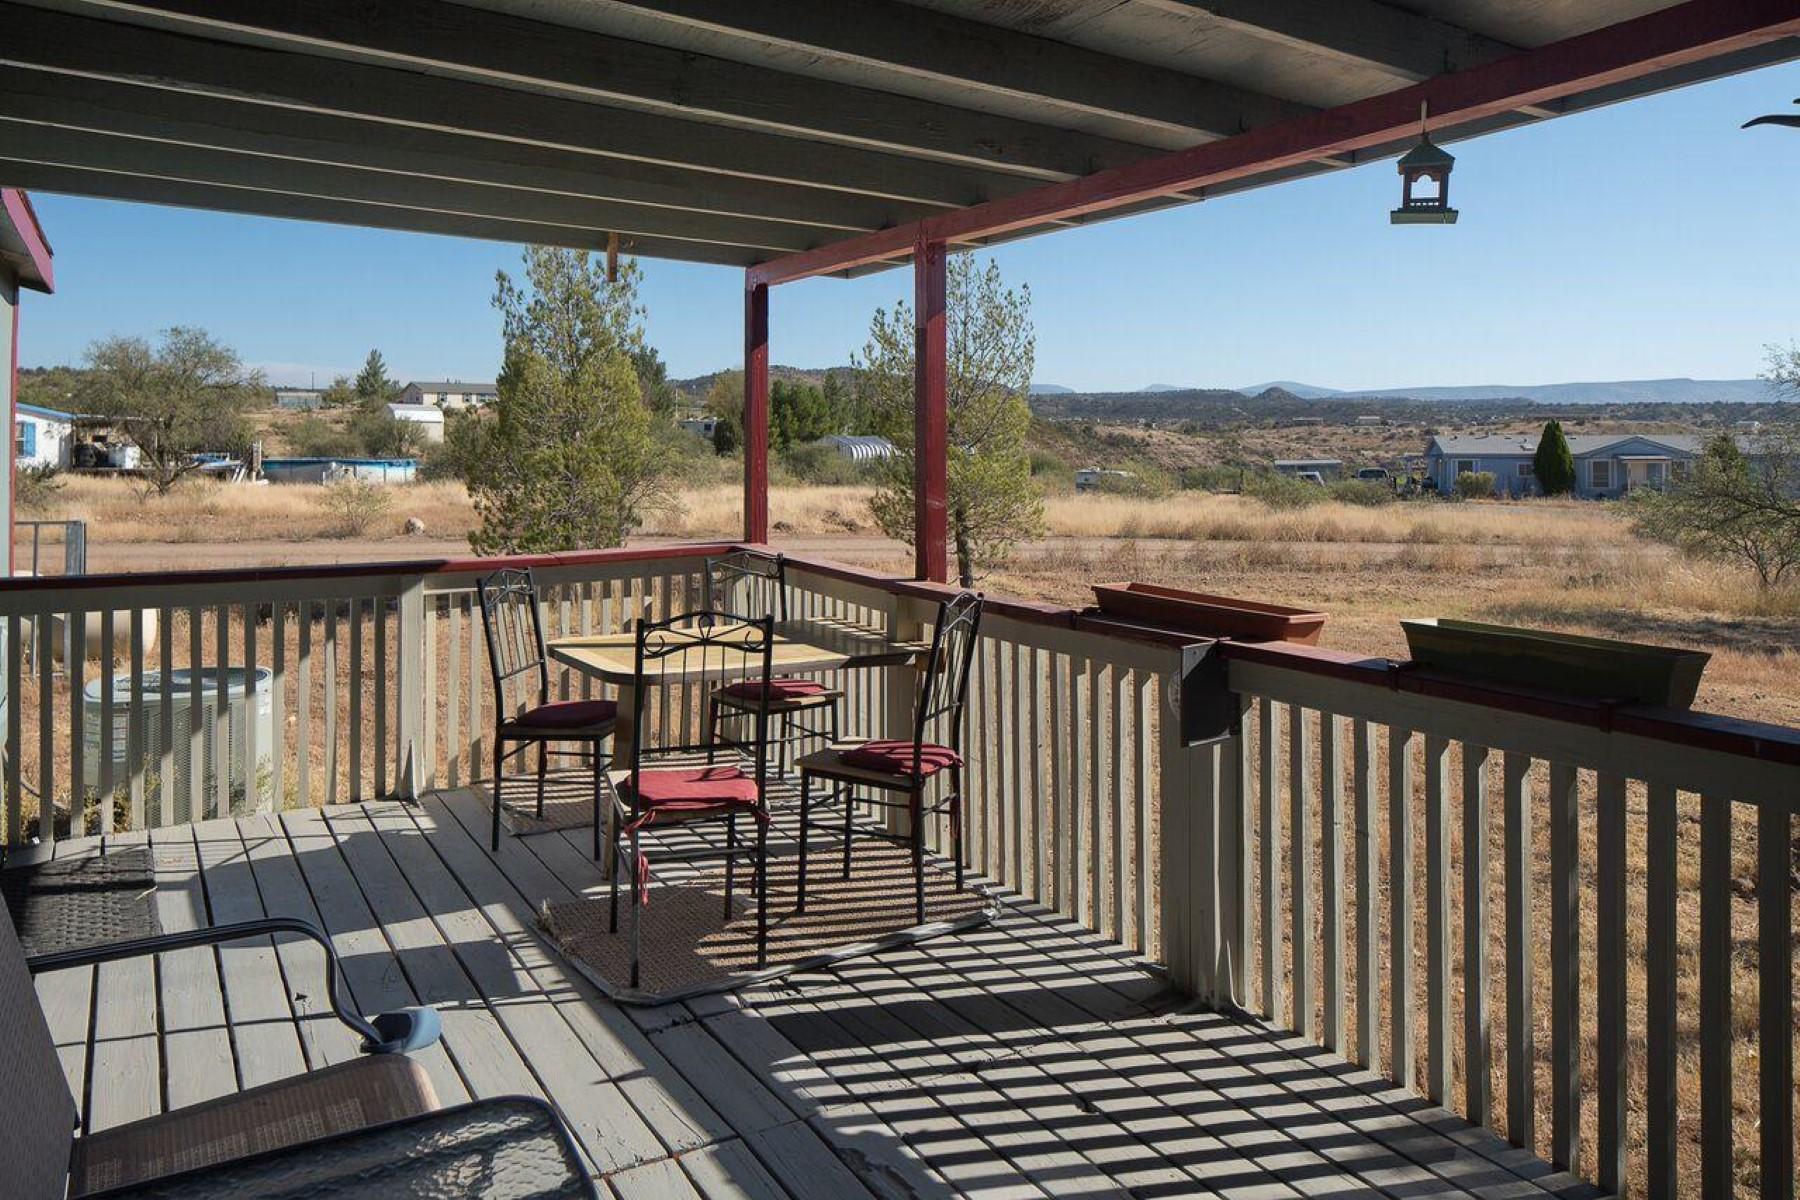 Casa Unifamiliar por un Venta en Remodeled Home in the Country 2085 E Kimberlys Way, Rimrock, Arizona, 86335 Estados Unidos